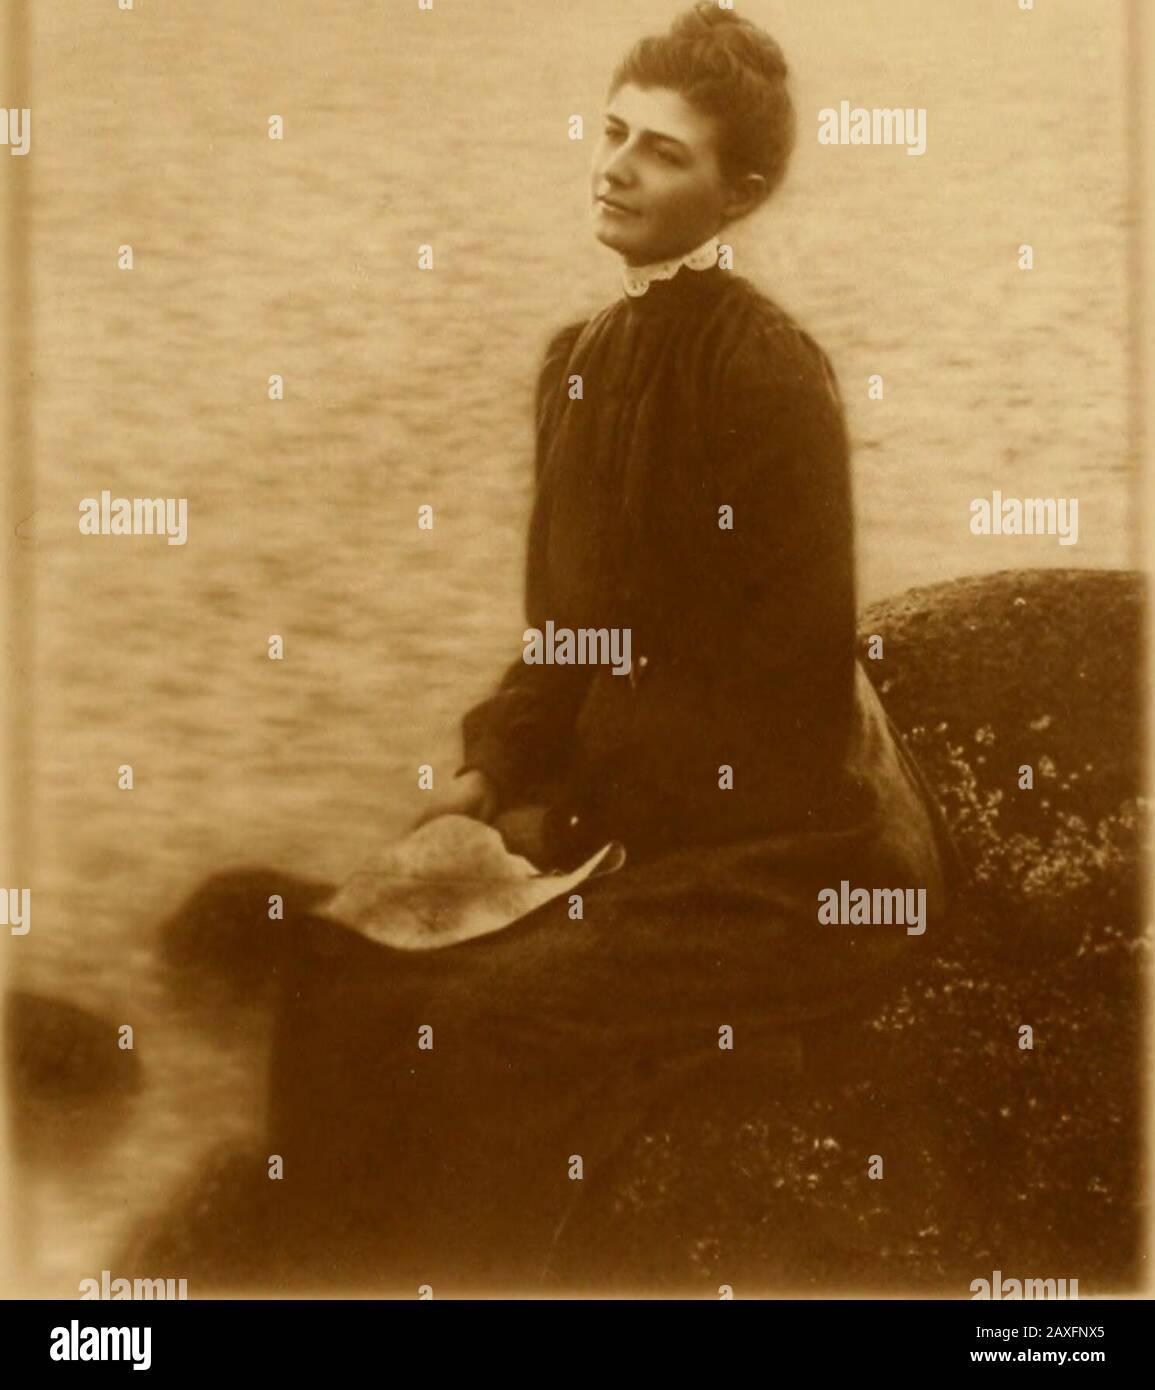 Für ihre Freunde und meine: Ein Buch mit Sehnsüchten, Träumen und Erinnerungen . Presse von Gibson Bros. Ink.Washington, D. C.• 3l17 IN ERINNERUNG AN CHARLOTTE MAY BUFFETT Irgendwann Frau von ERWIN F. SMITH Geboren: 8. Oktober 1871, Cleveland, Ohio Verheiratet: 13. April 1893 starb Easton, Maryland: 28. Dezember 1906, Washington, D. C. Denn je wirst du lieben, und sie ist fair!-Keats. Gott hat sie mit Sich Selbst ewig, Doch sie wohnt jede Stunde bei dir. -Cino da Pisloia (Übersetzung von Rossettis). CE que lhomme ici-bas appelle le genie, Cest le besoin daimer; hors de la tout est eitel. -Alfred de Musset.. Das Meer Stockfoto